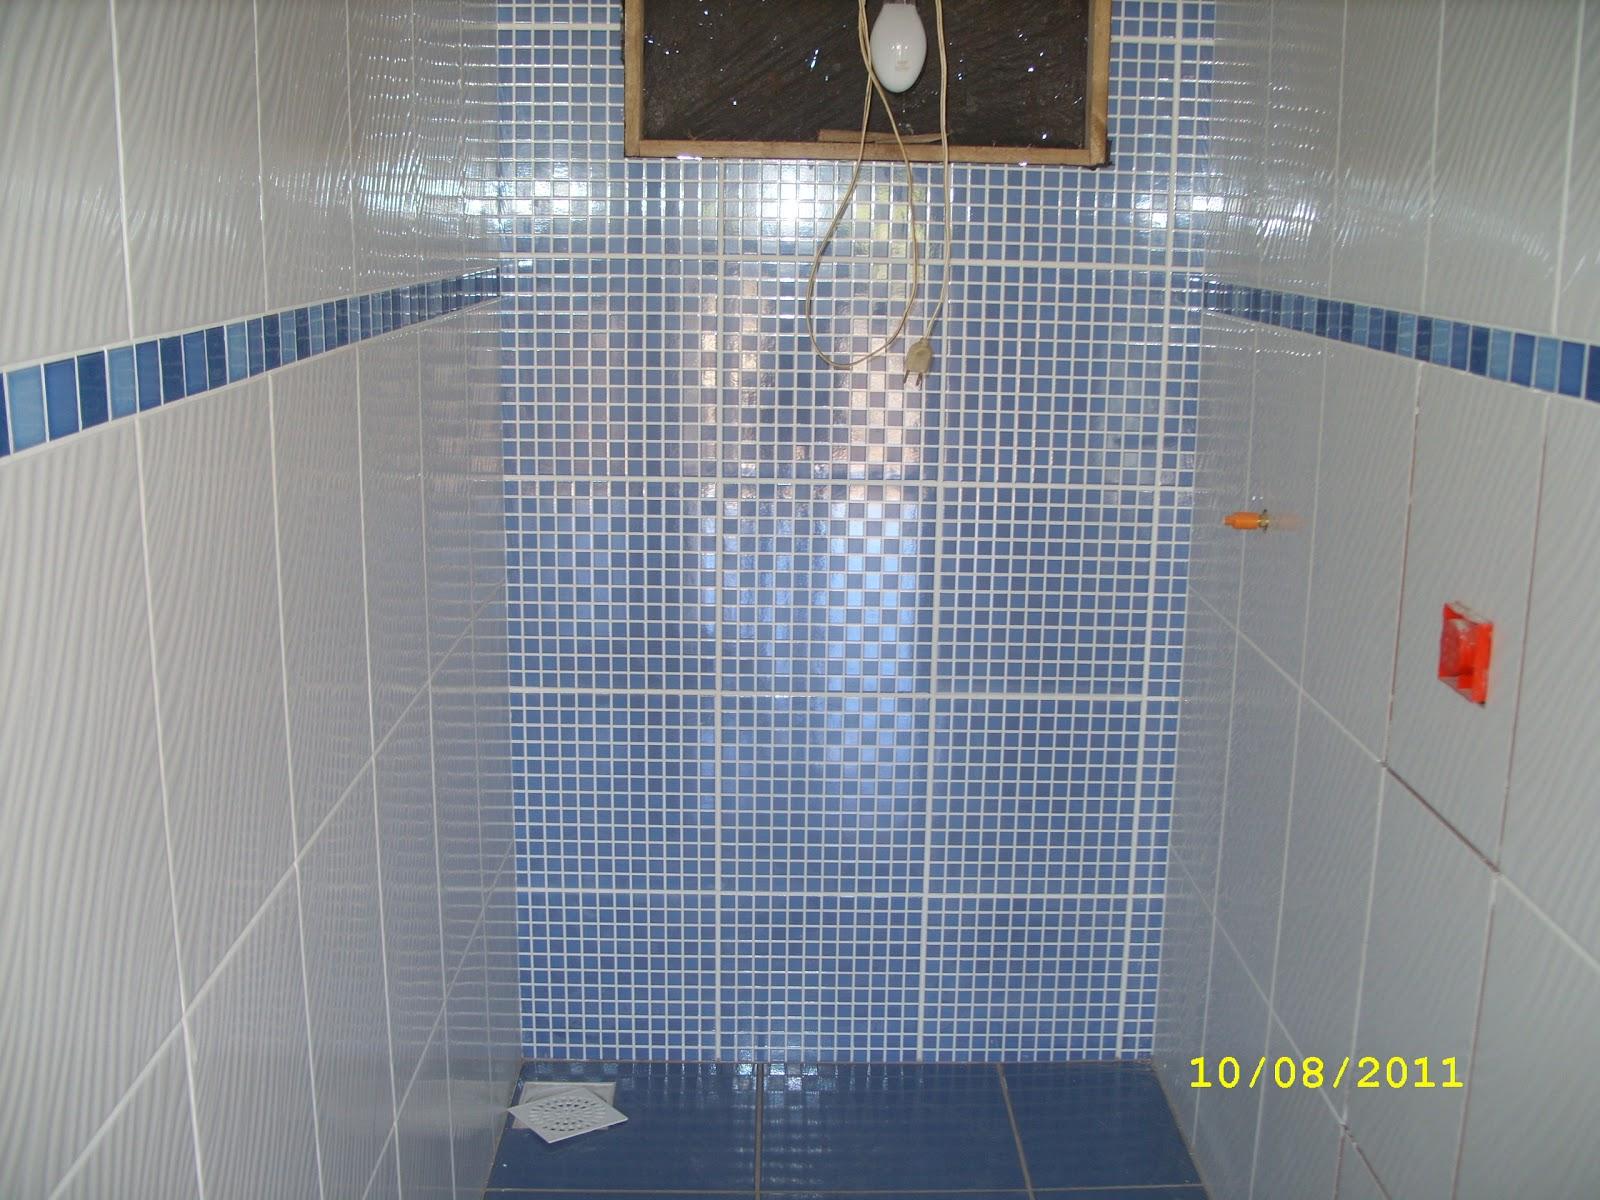 Adilson Simone e Lilica em construção!!!: Pisos banheiros #4A5F81 1600x1200 Banheiro Branco Com Rejunte Azul